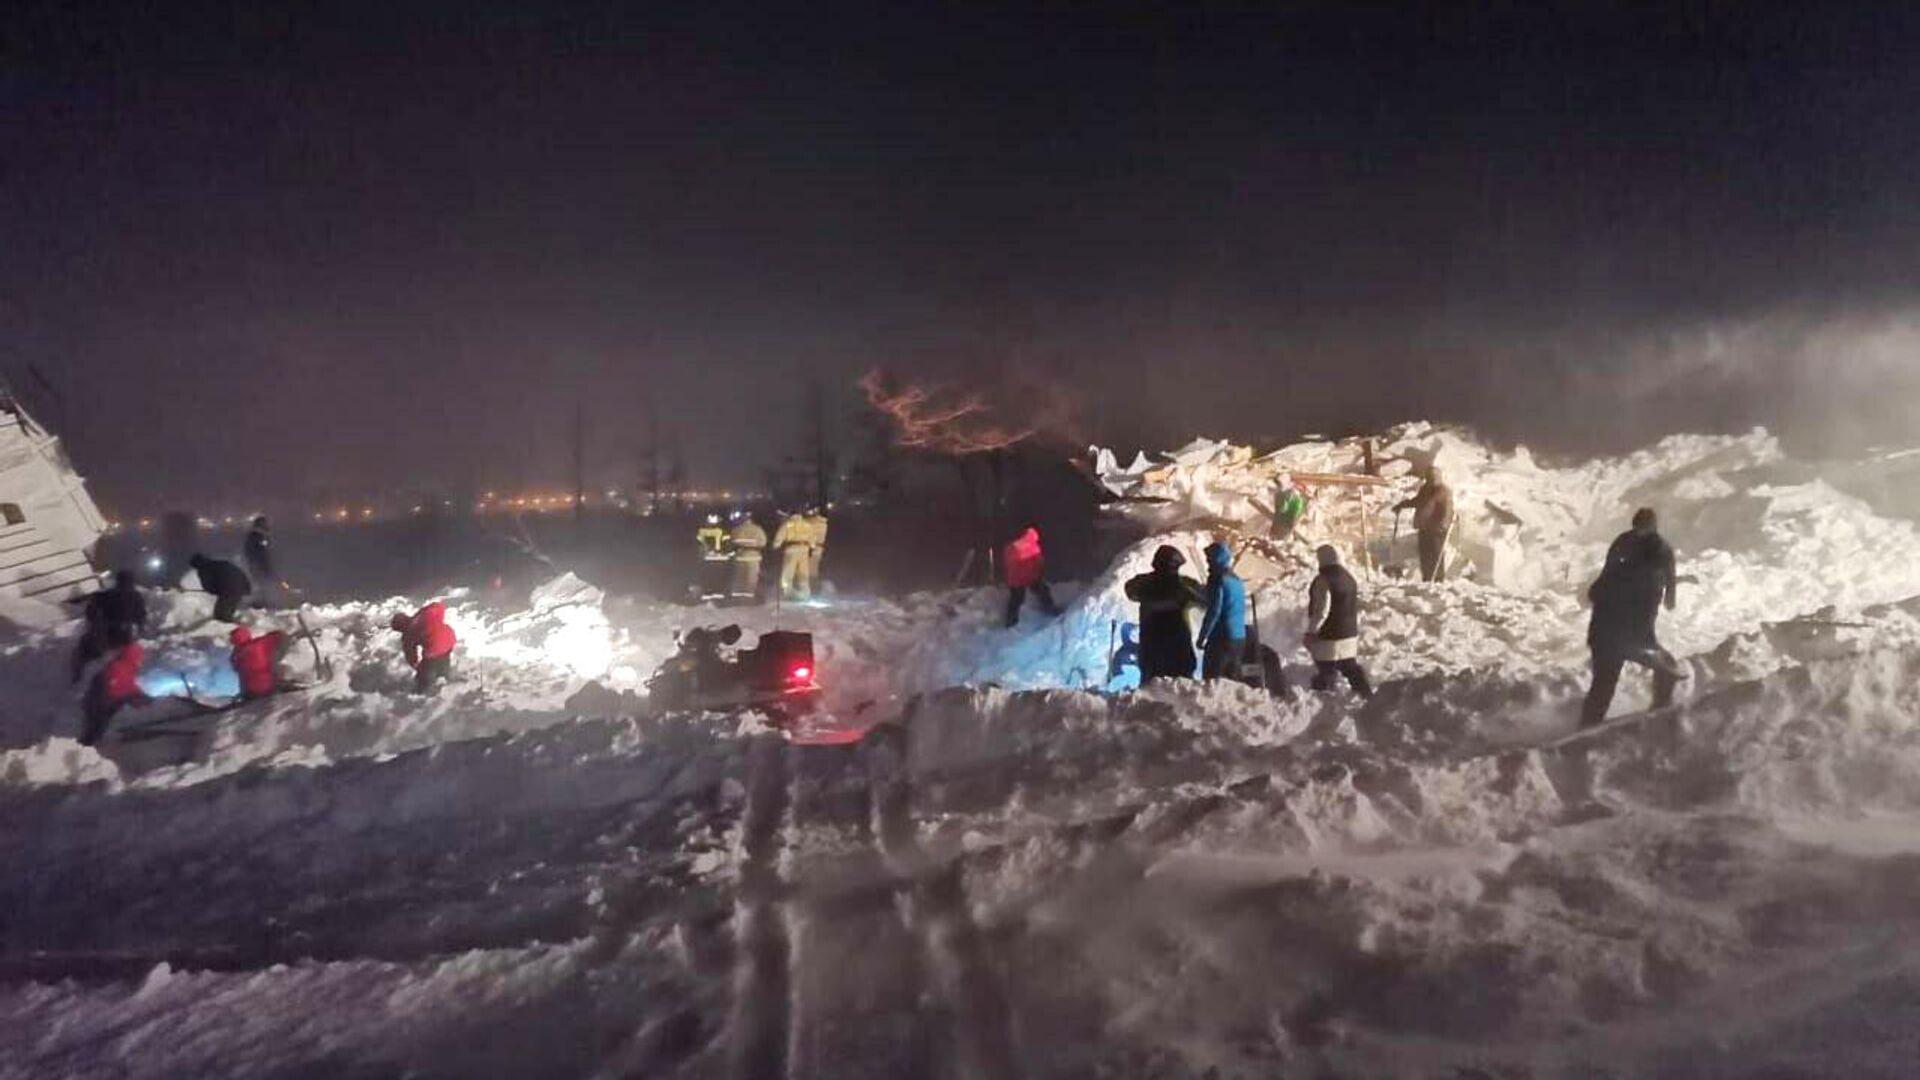 Сотрудники МЧС РФ проводят поисково-спасательные работы в районе горнолыжного комплекса Гора Отдельная в Норильске - РИА Новости, 1920, 11.01.2021